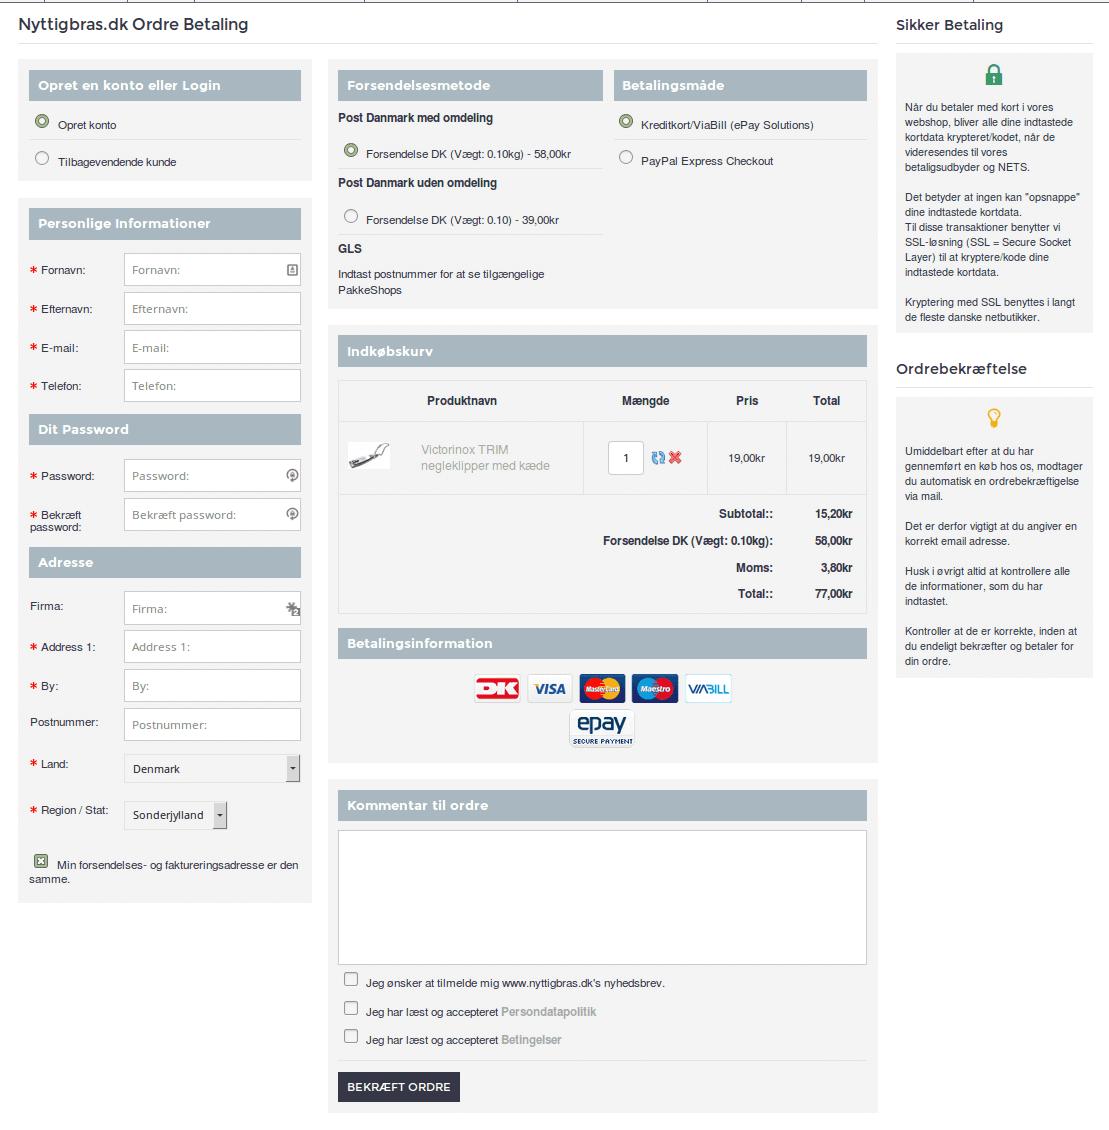 Sikker betaling via SSL kryptering. Demo af ny Check Out side (Ordre betaling) hos Nyttigbras.dk